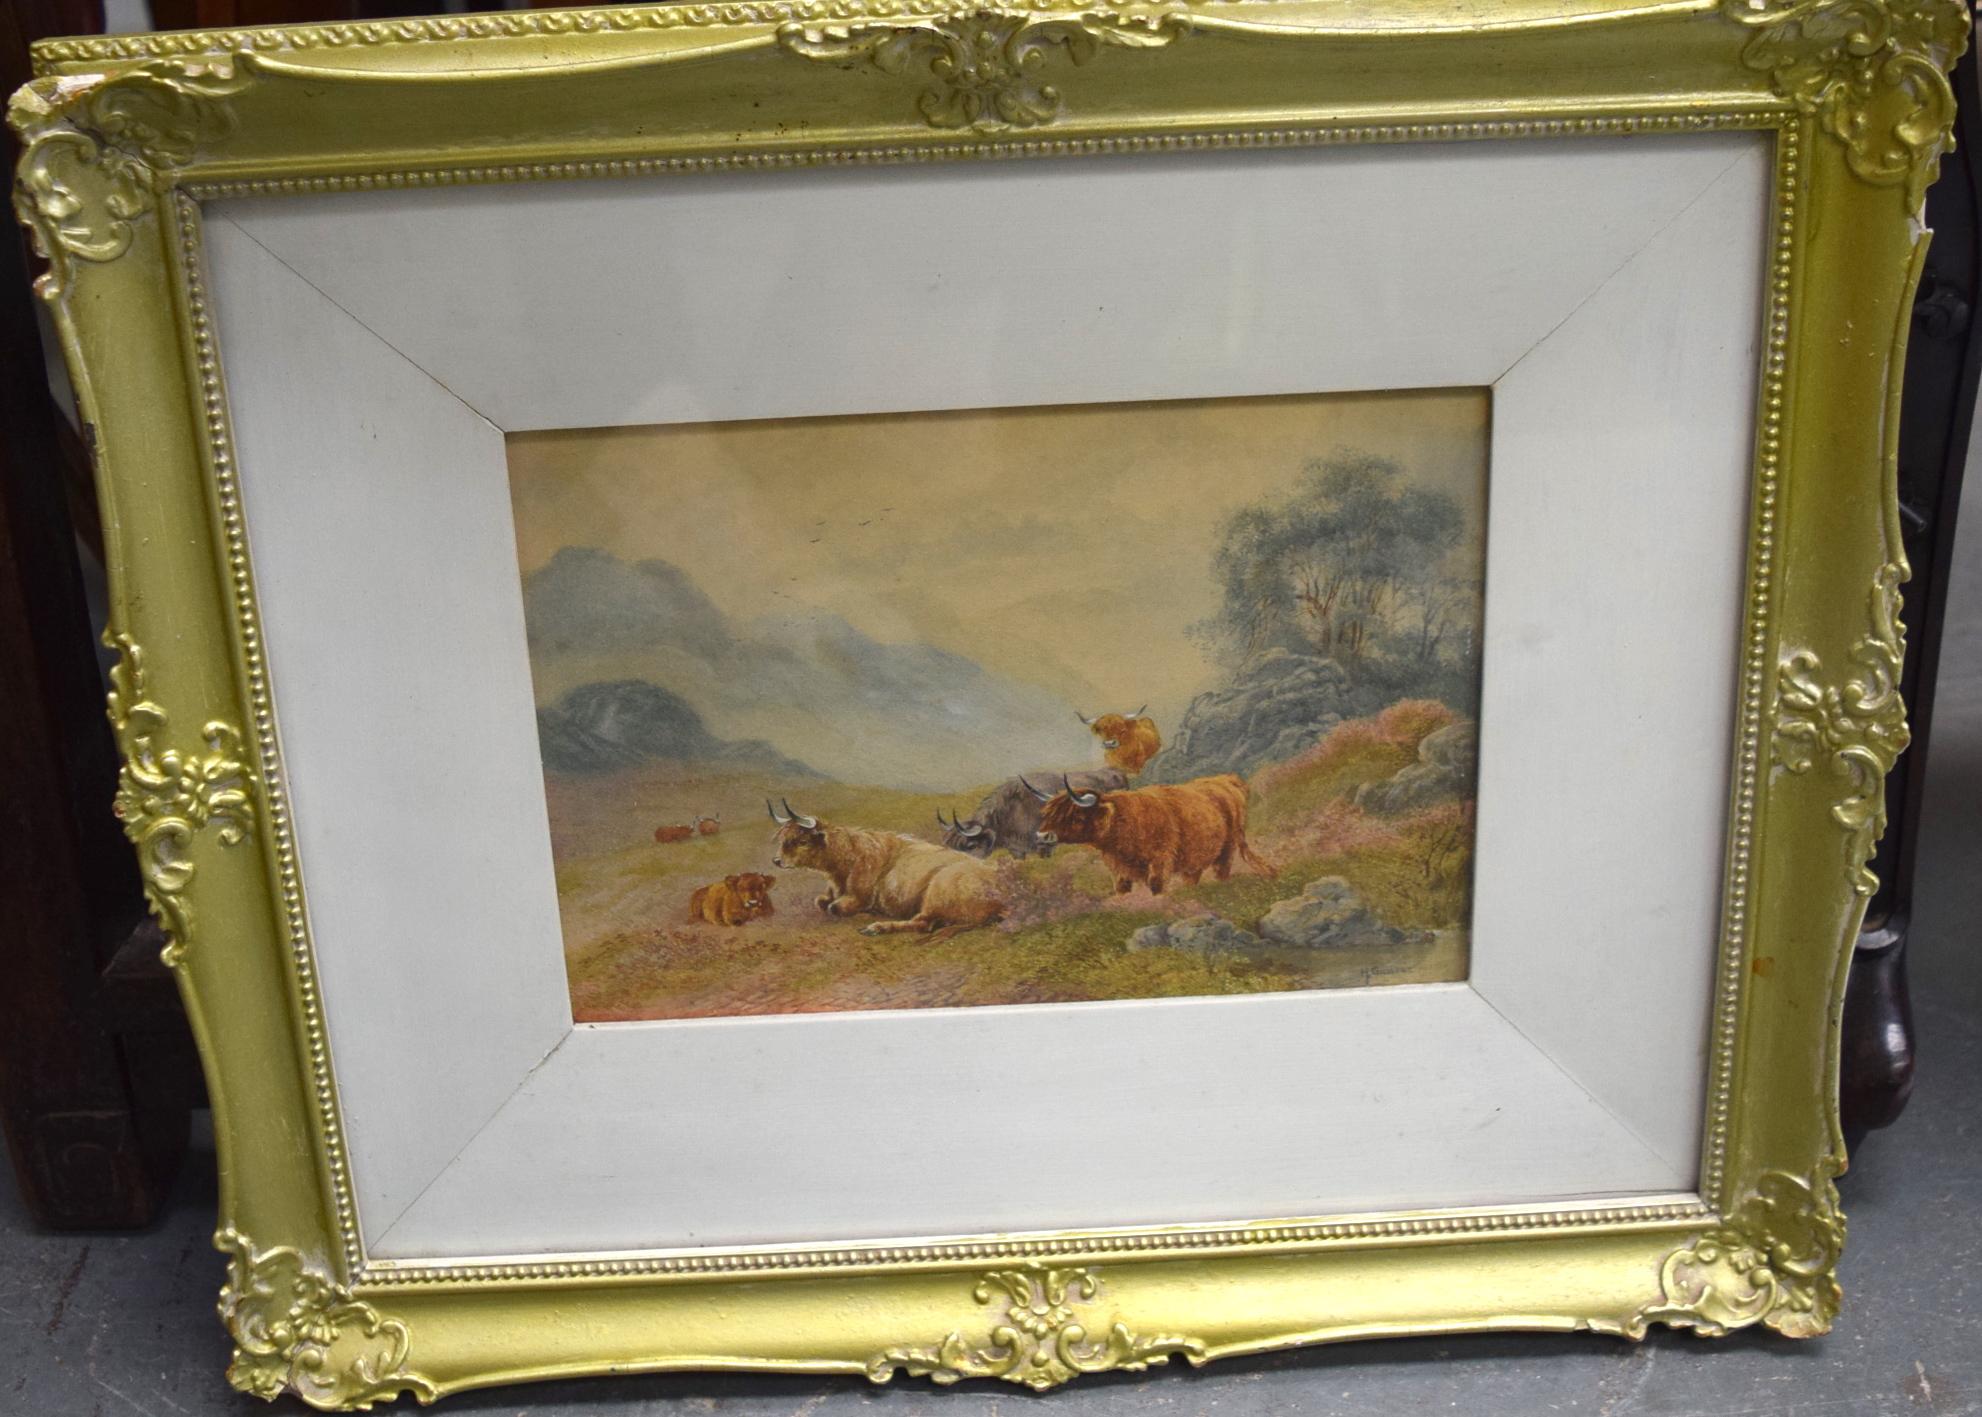 Lot 2789 - H GILBERT (British) FRAMED WATERCOLOUR, signed, cattle in highland scene. 16.5 cm x 24.5 cm.